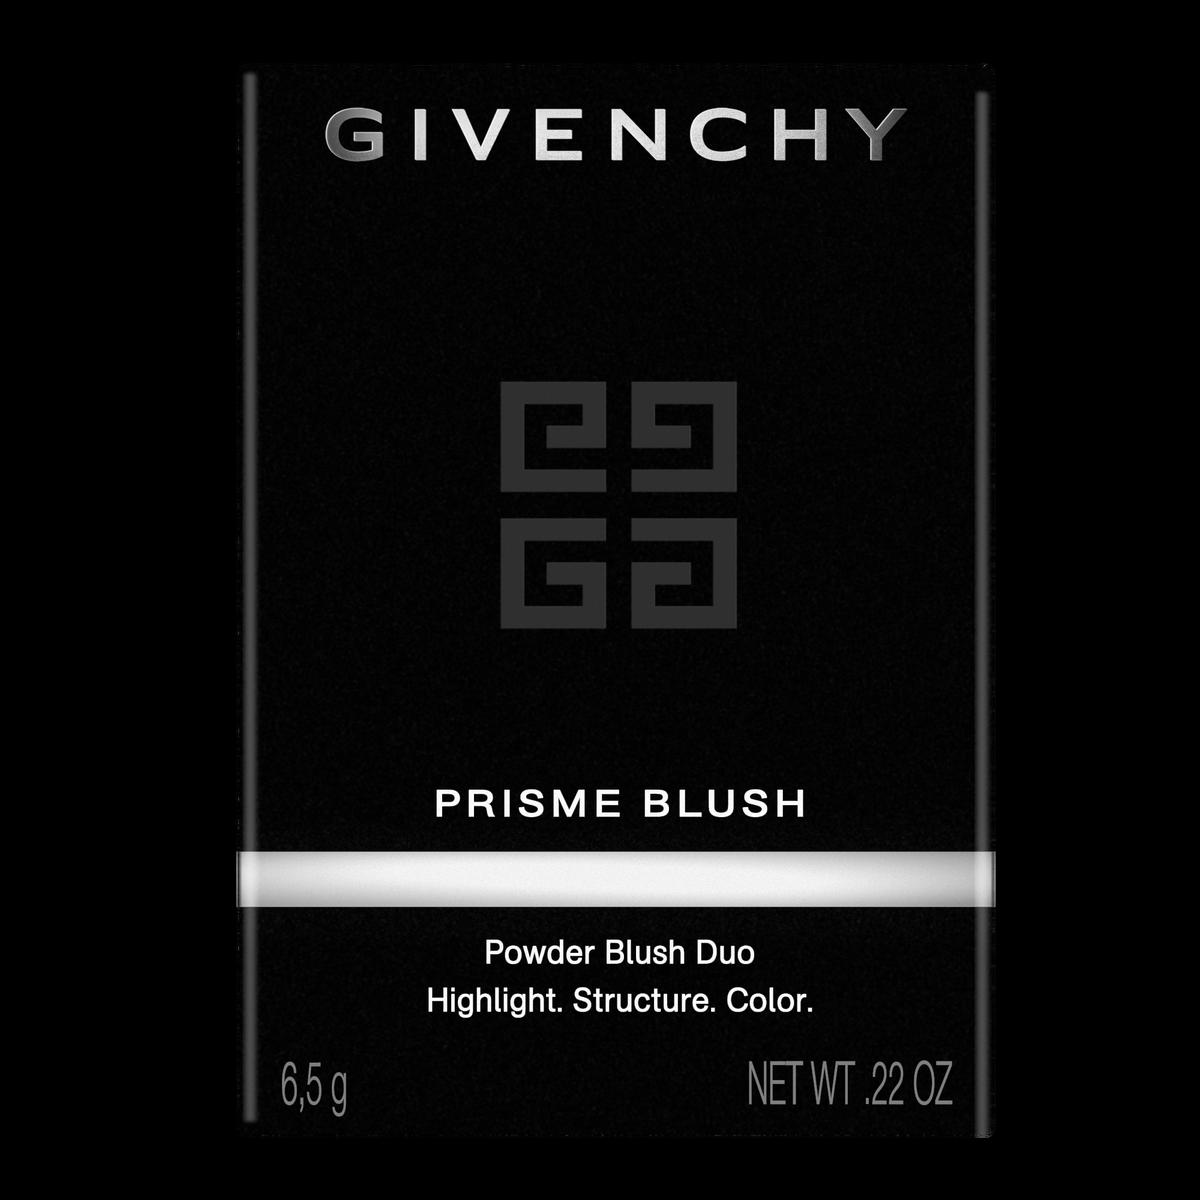 PRISME BLUSH